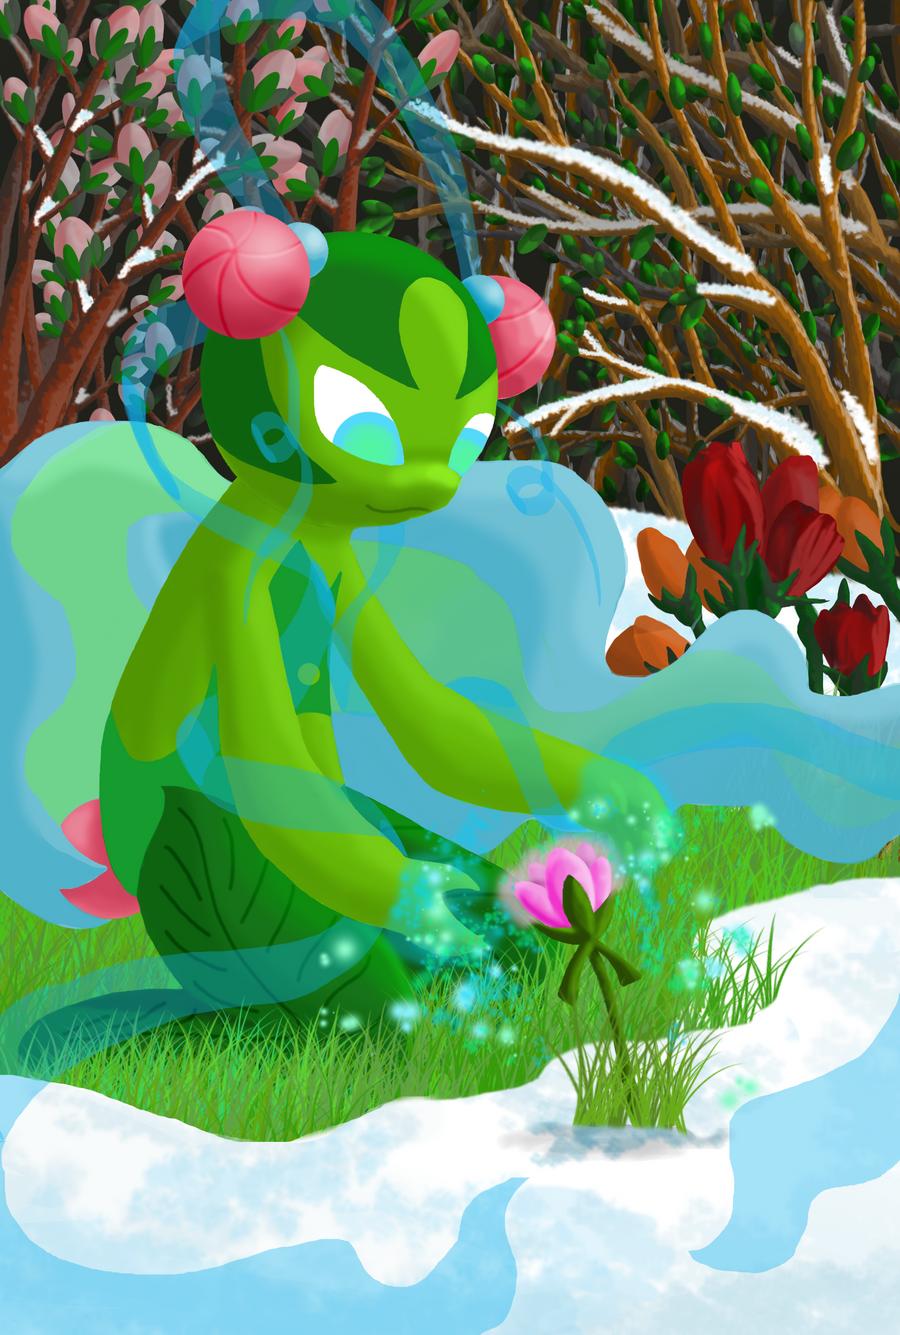 Bedrisa: Preparing to Bloom by Saronicle